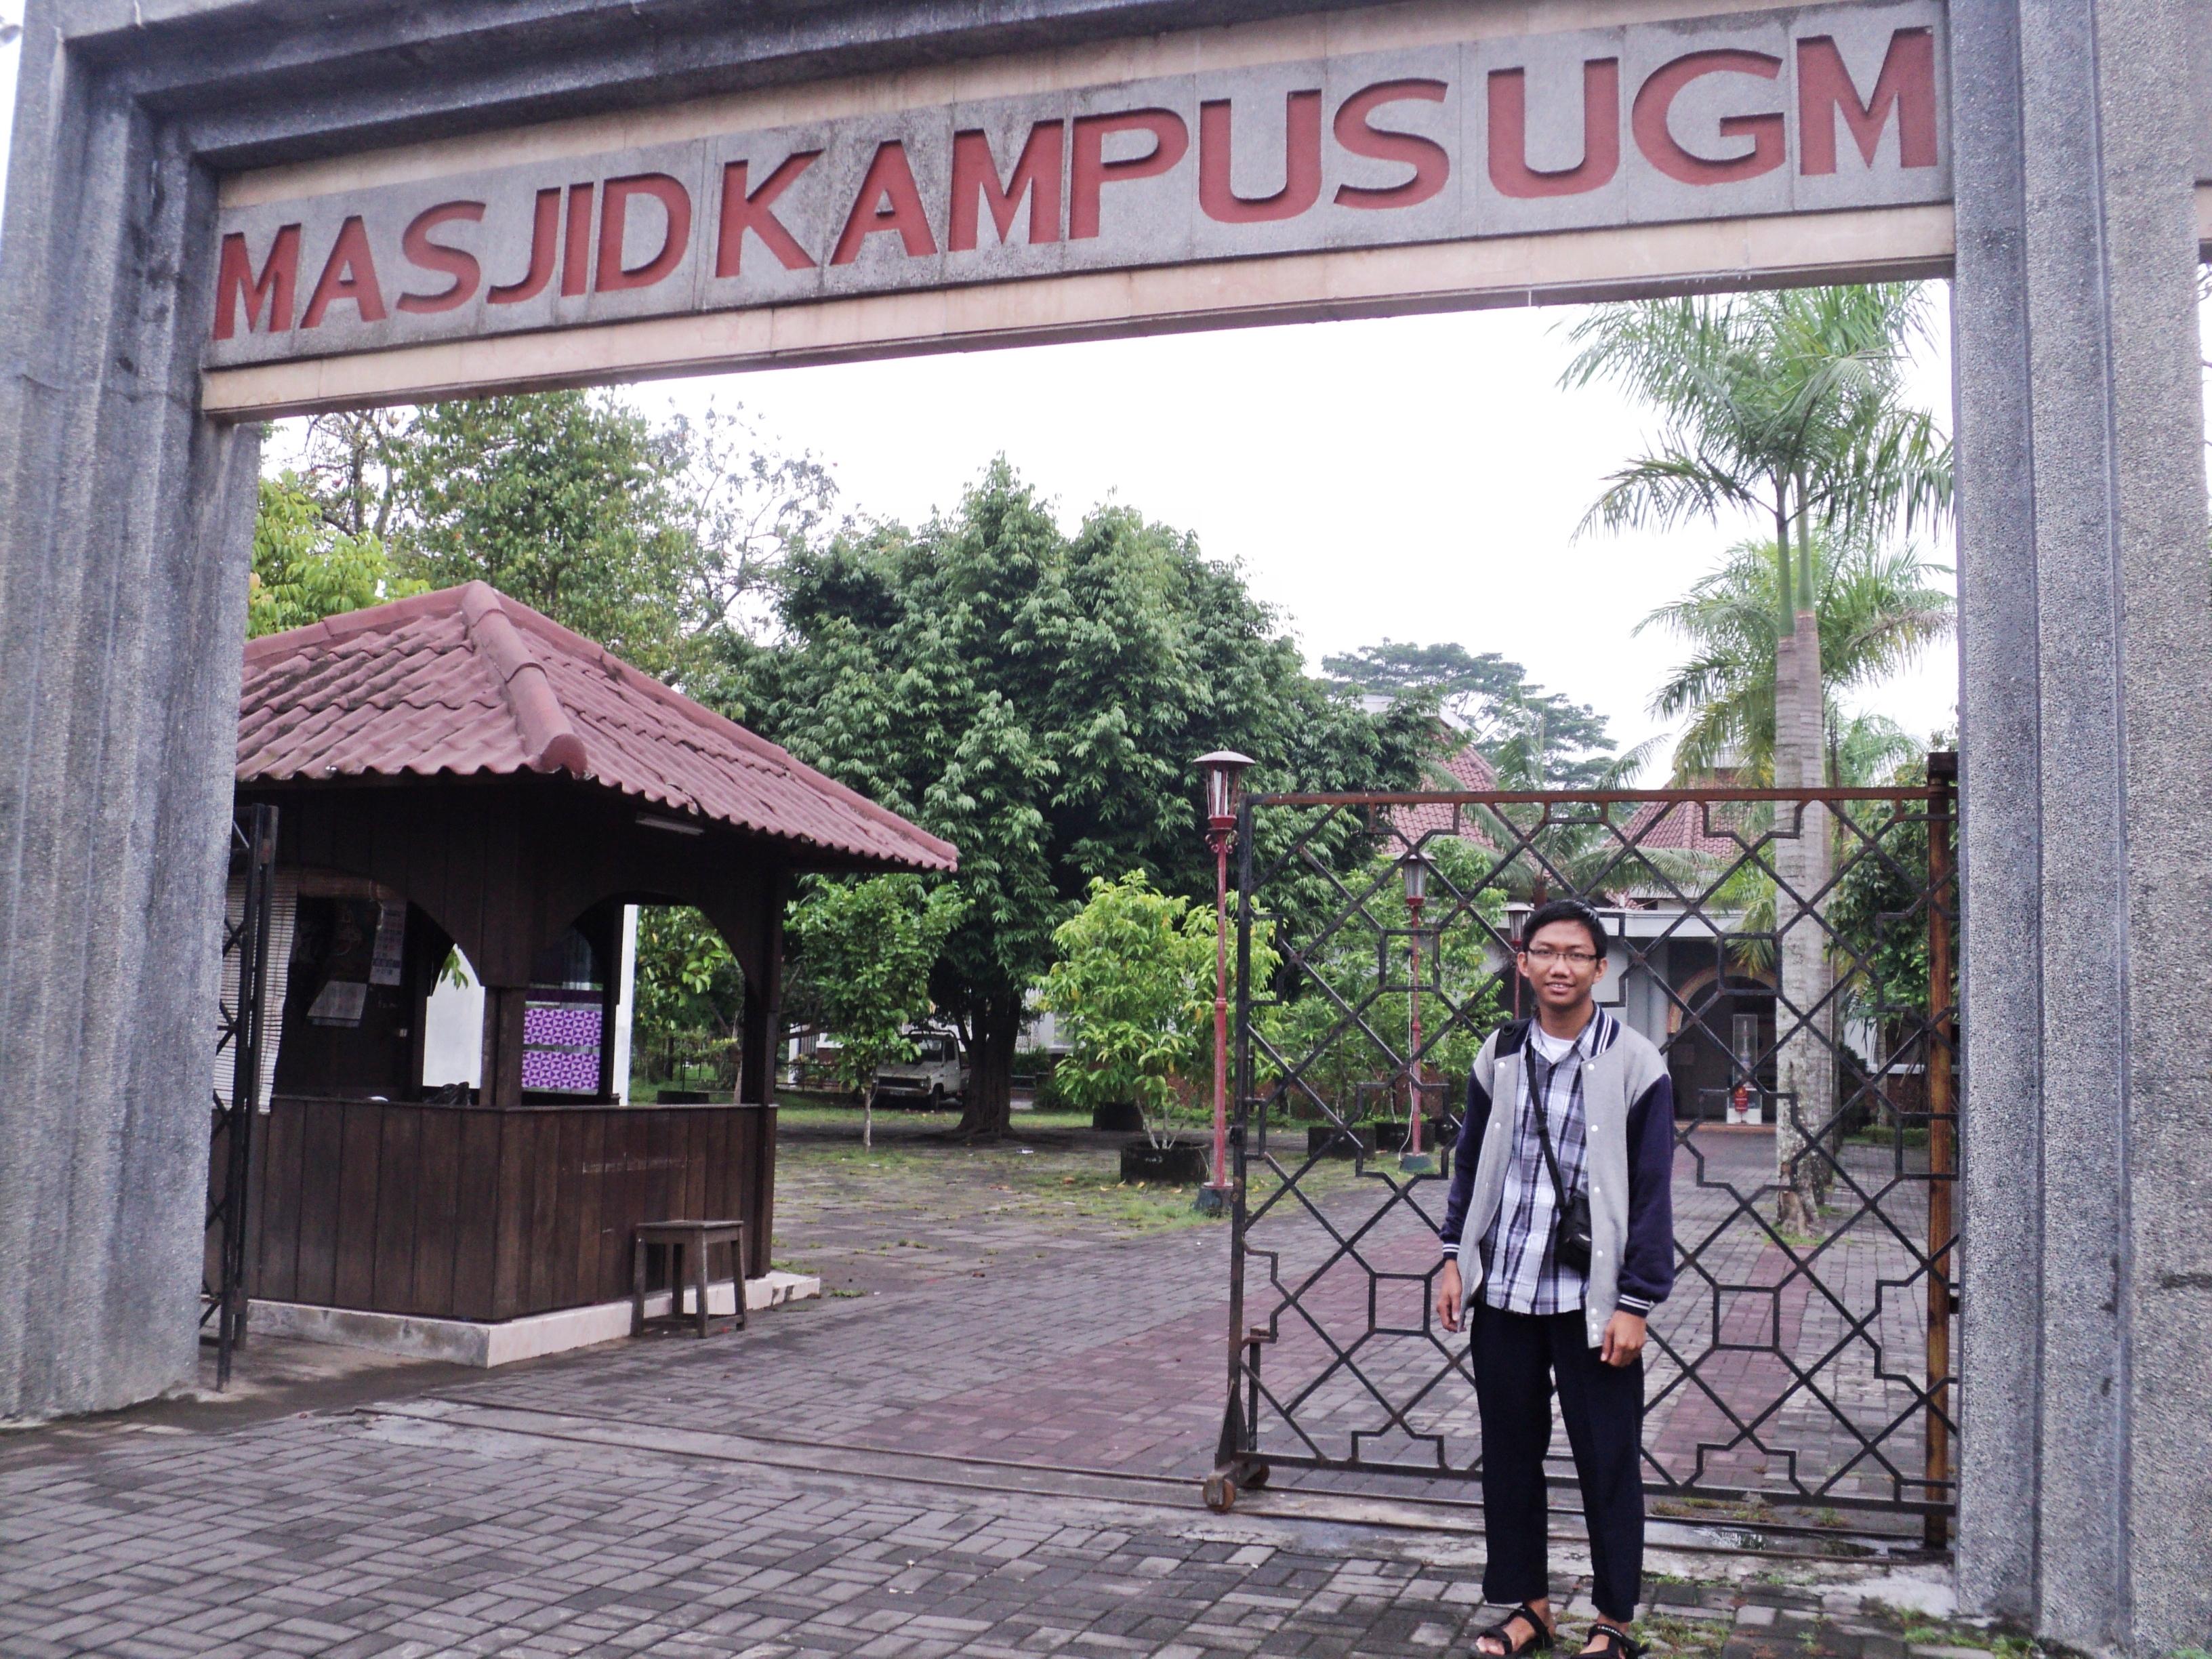 Masjid Kampus Ugm Goresan Perjalanan Hidup Gerbang Depan Terlihat Biasa